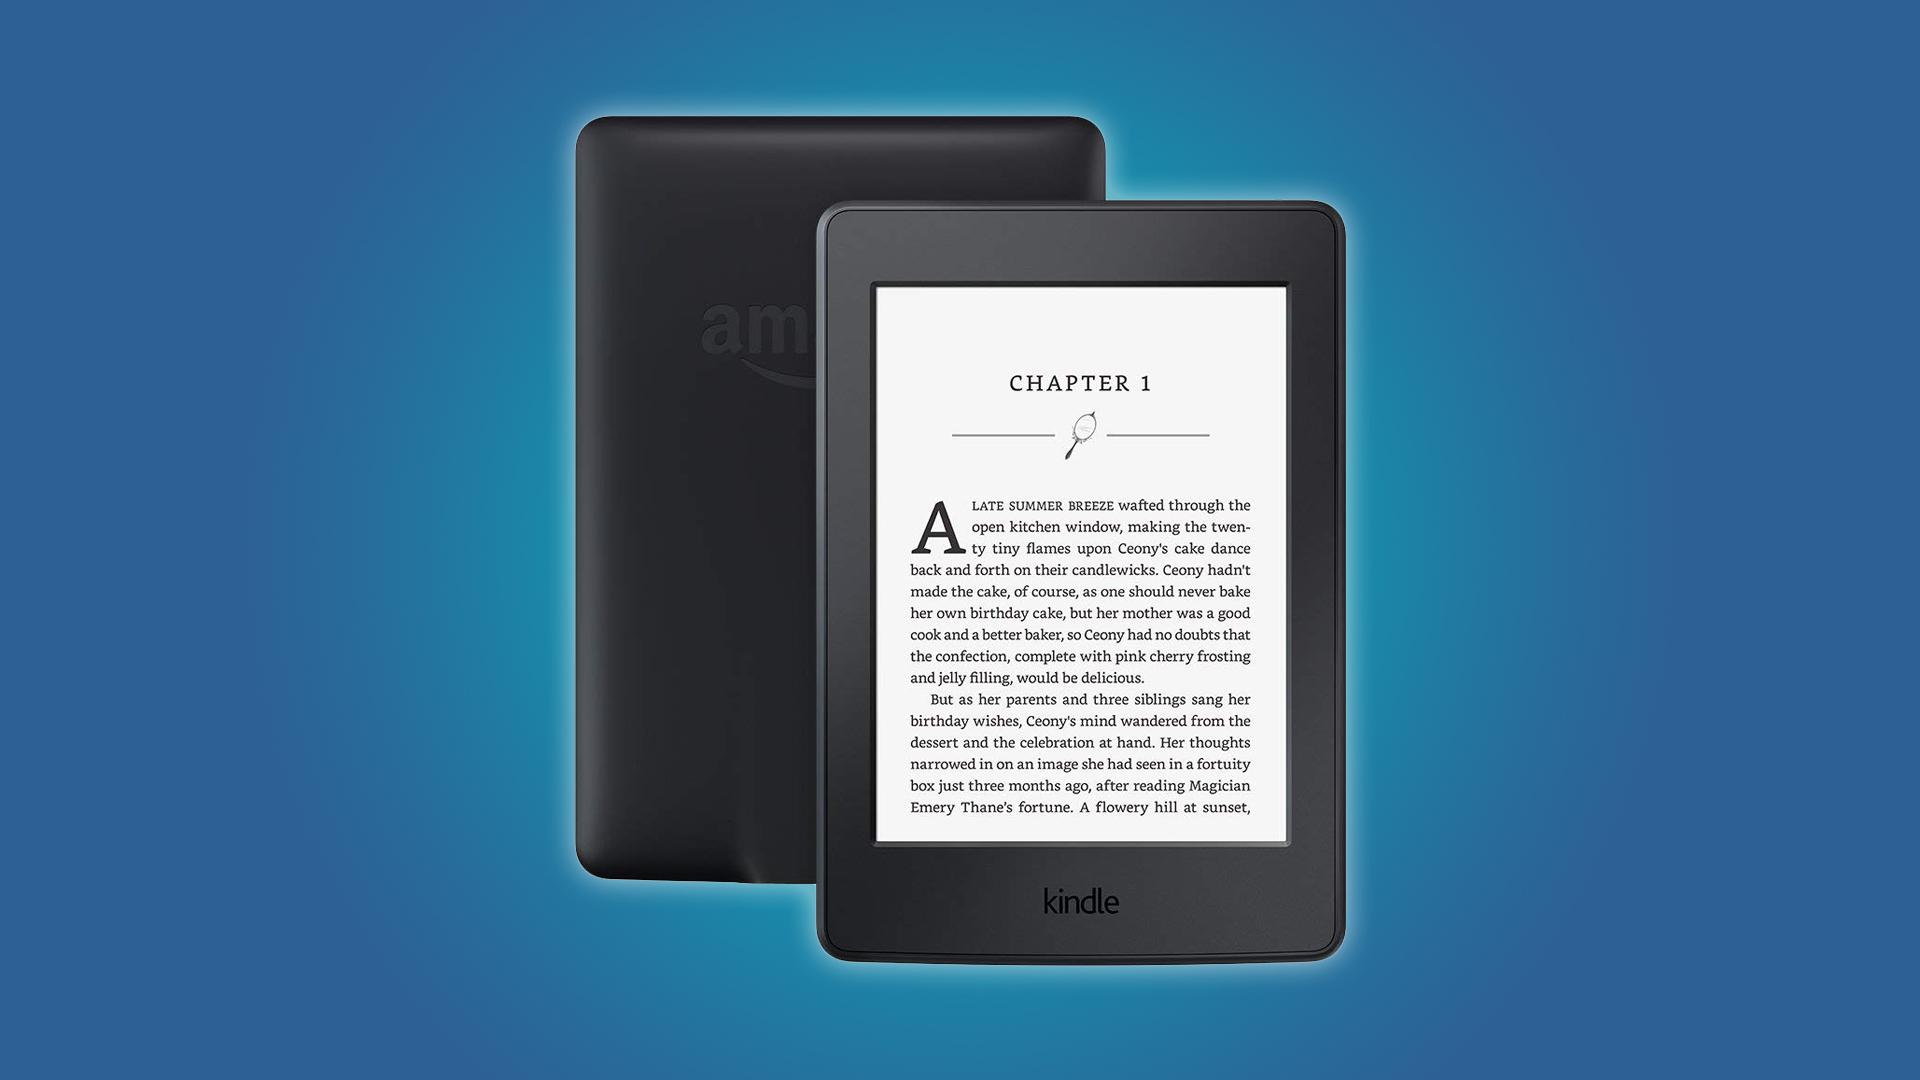 Deal Alert: Besorgen Sie sich einen Kindle Paperwhite für 55 US-Dollar